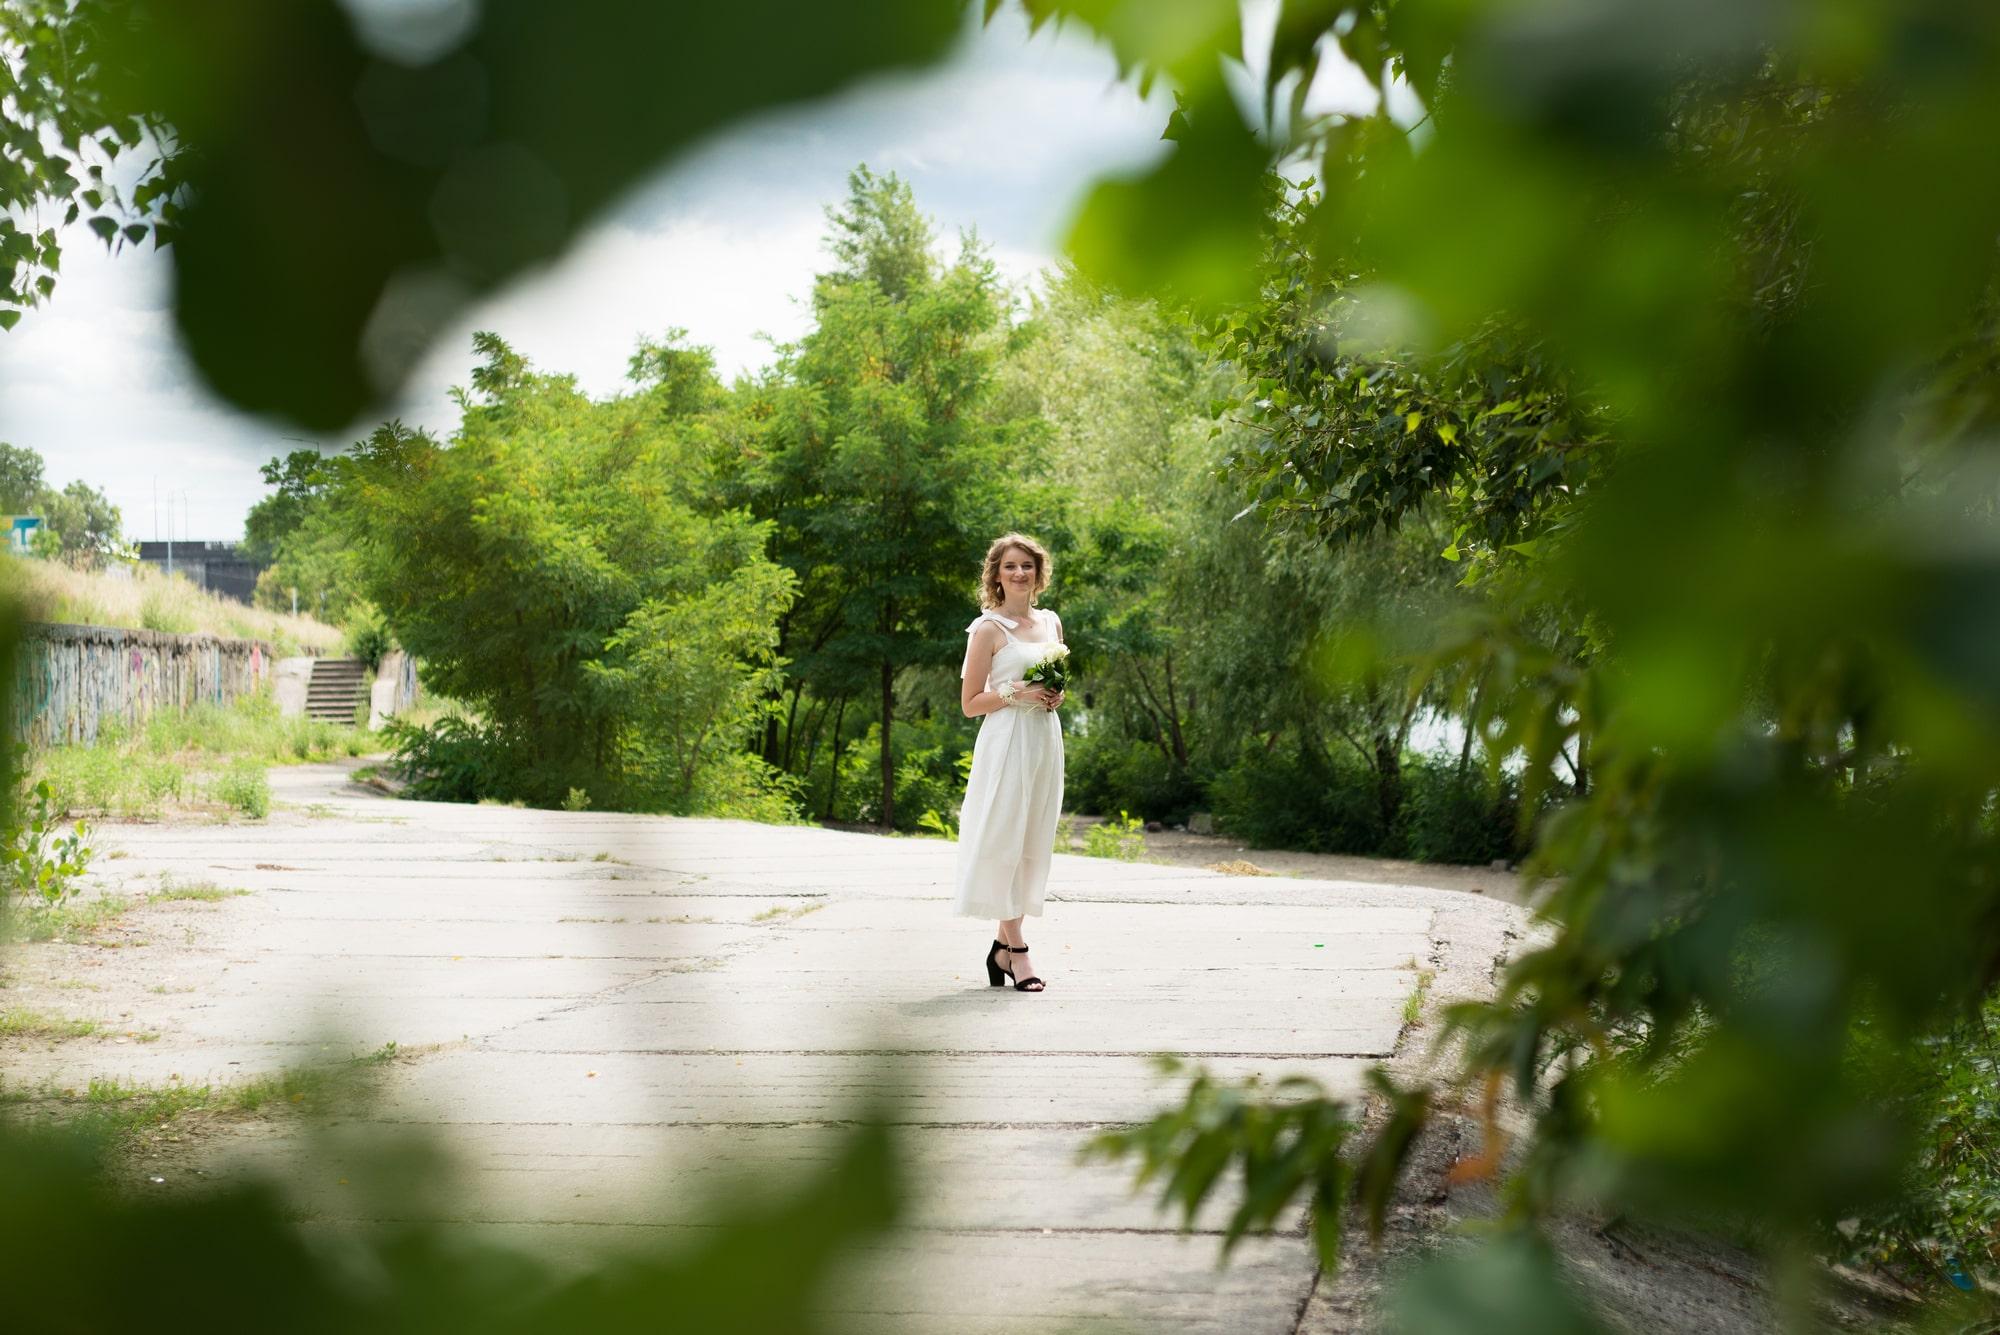 Фотосессия свадебная возле Днепра - невеста в зелени деревьев